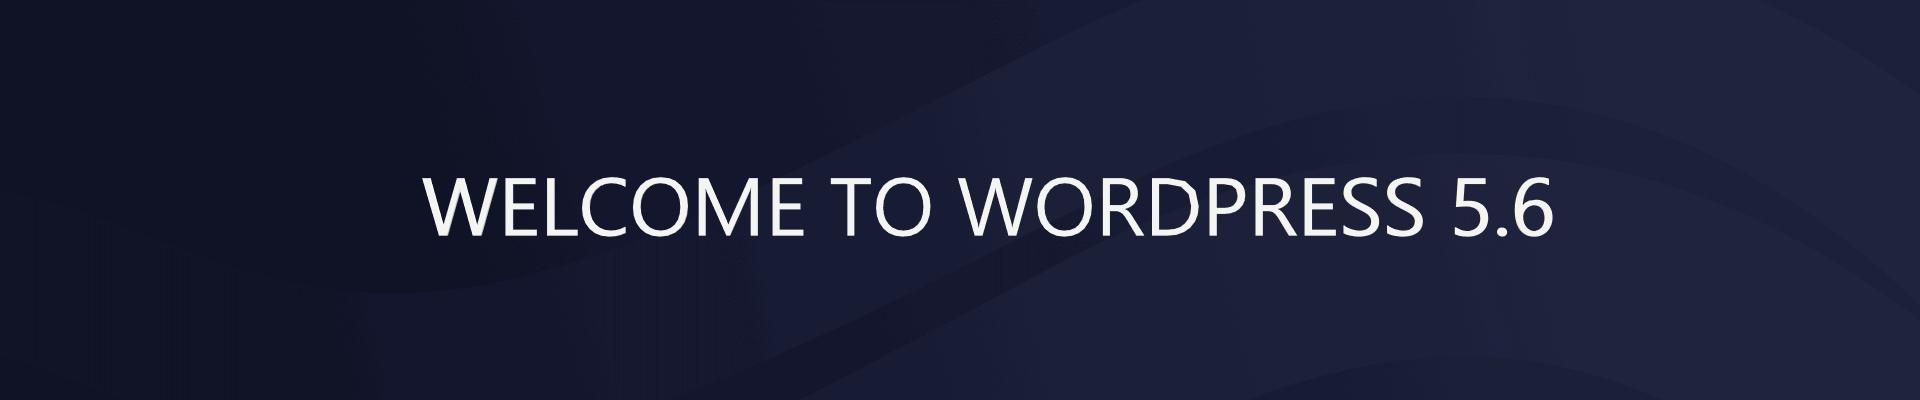 WordPress 5.6 updates! New features!